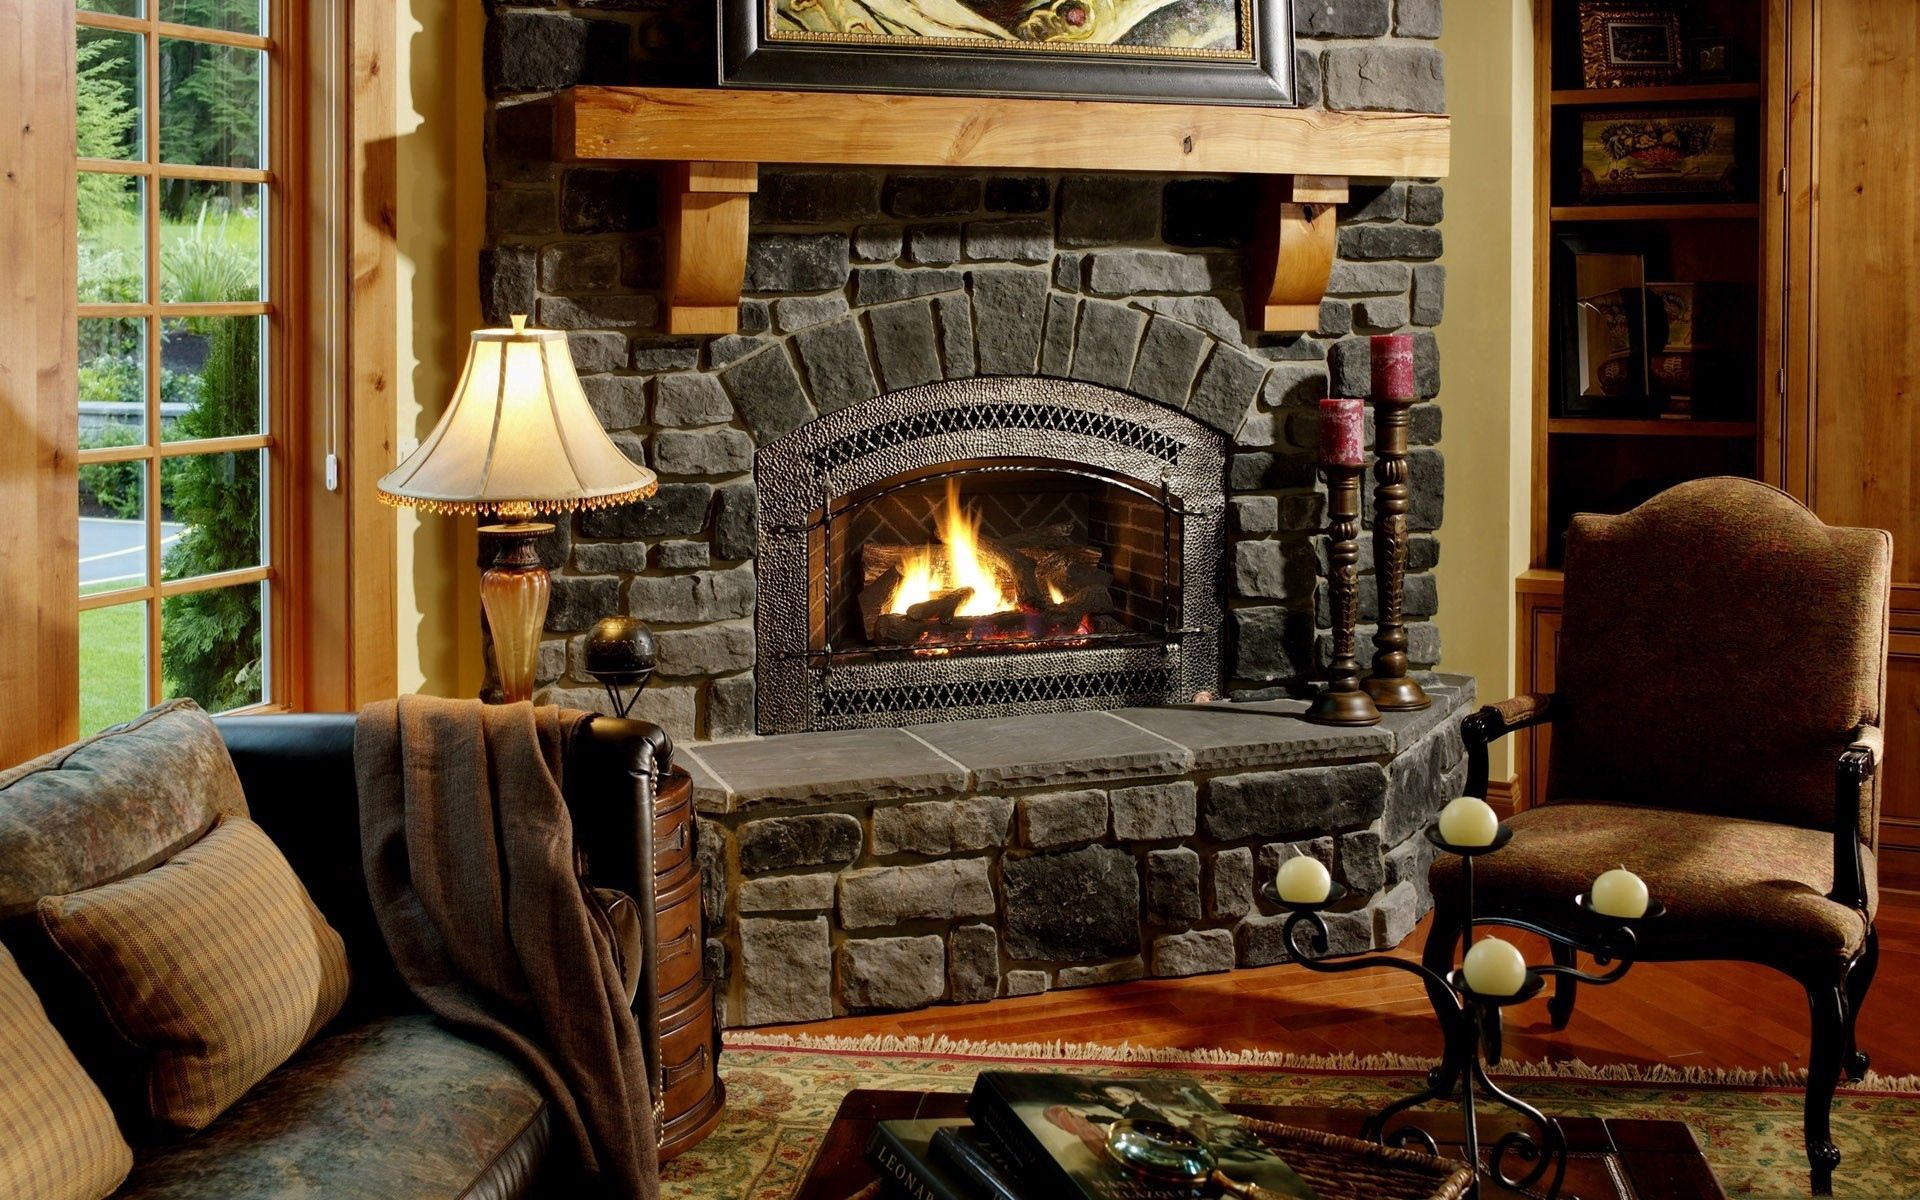 75688壁紙のダウンロードその他, 雑, 暖炉, 椅子, アームチェア, 居心地のよさ, 安楽, イブニング, 夕方, 居心地の良い雰囲気-スクリーンセーバーと写真を無料で